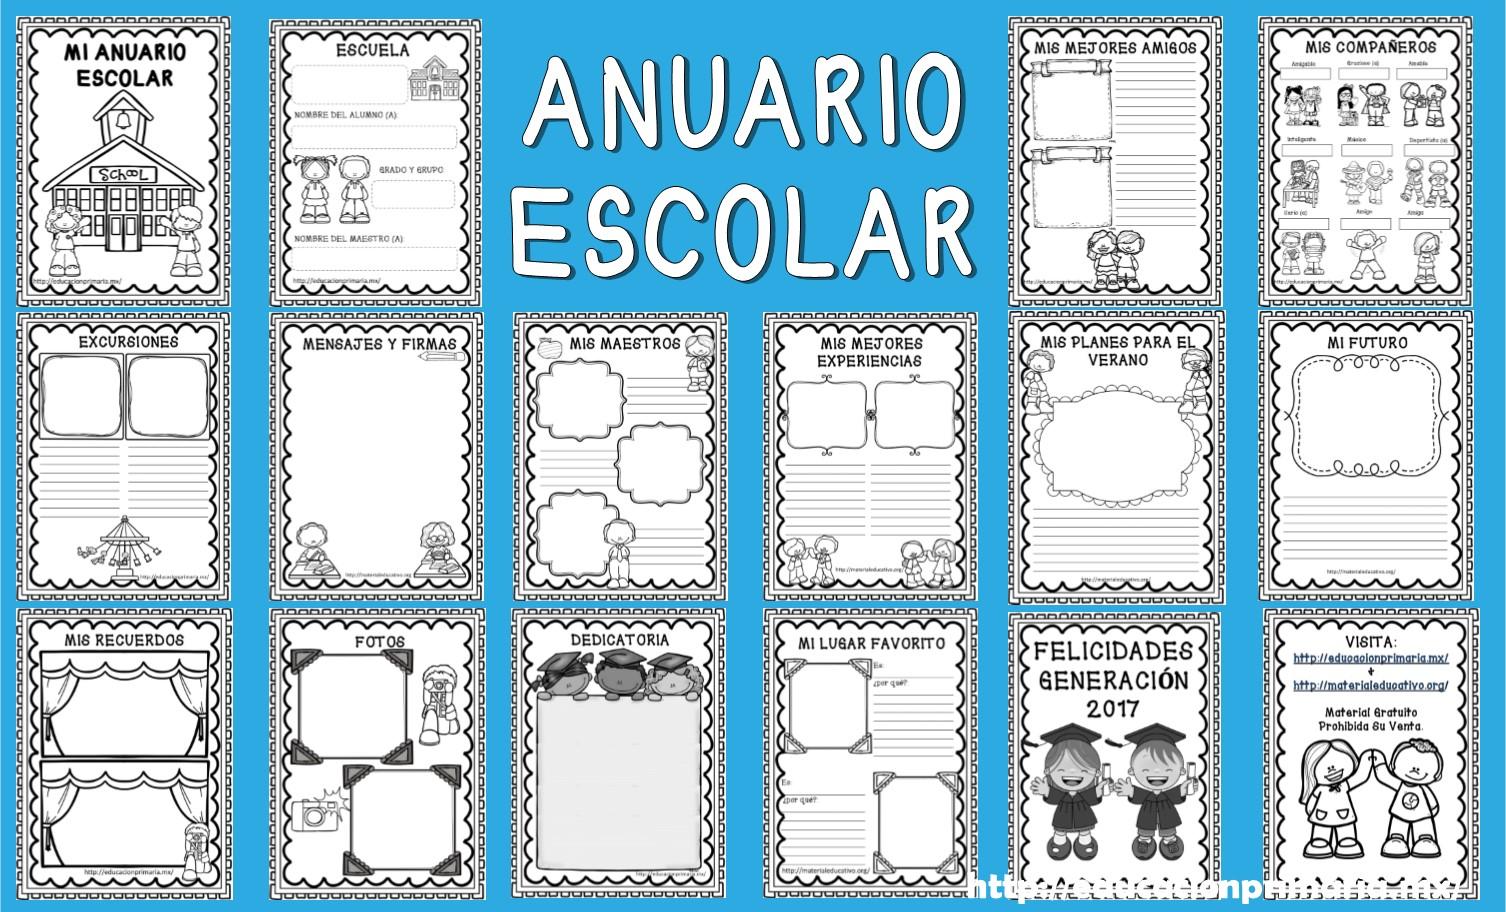 Magnífico Plantilla Del Anuario Escolar Foto - Ejemplo De Colección ...